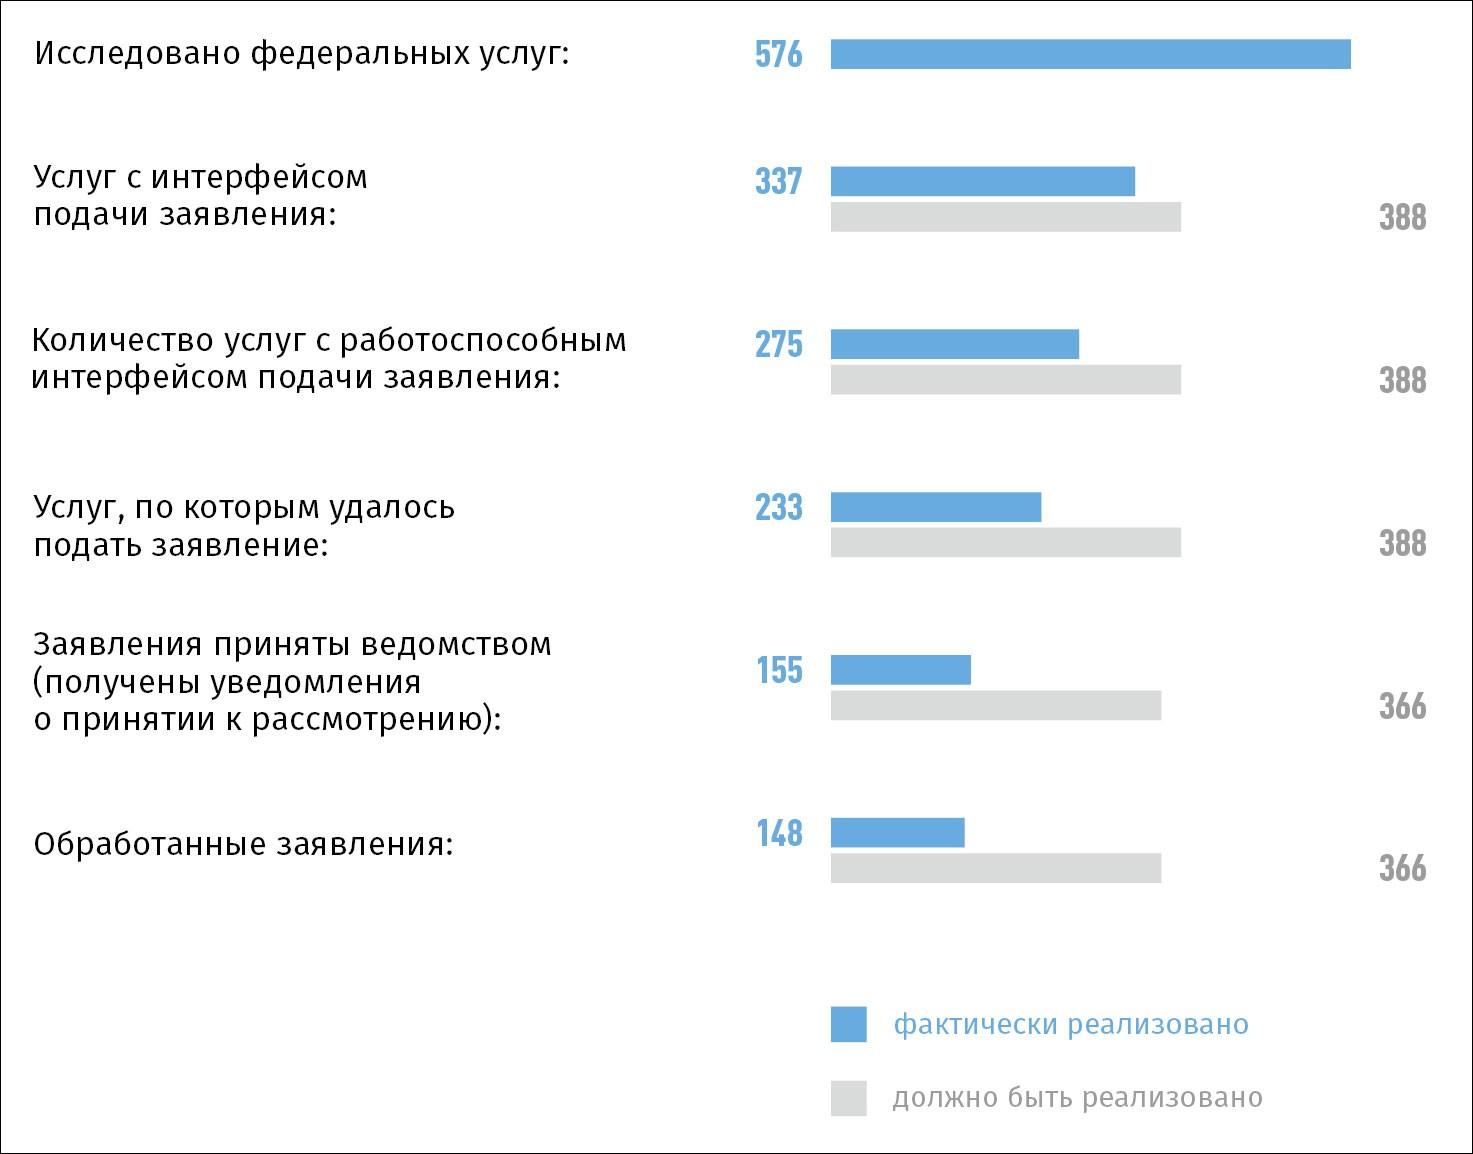 Подать электронное заявление можно только для 60% госуслуг на ЕПГУ - исследование